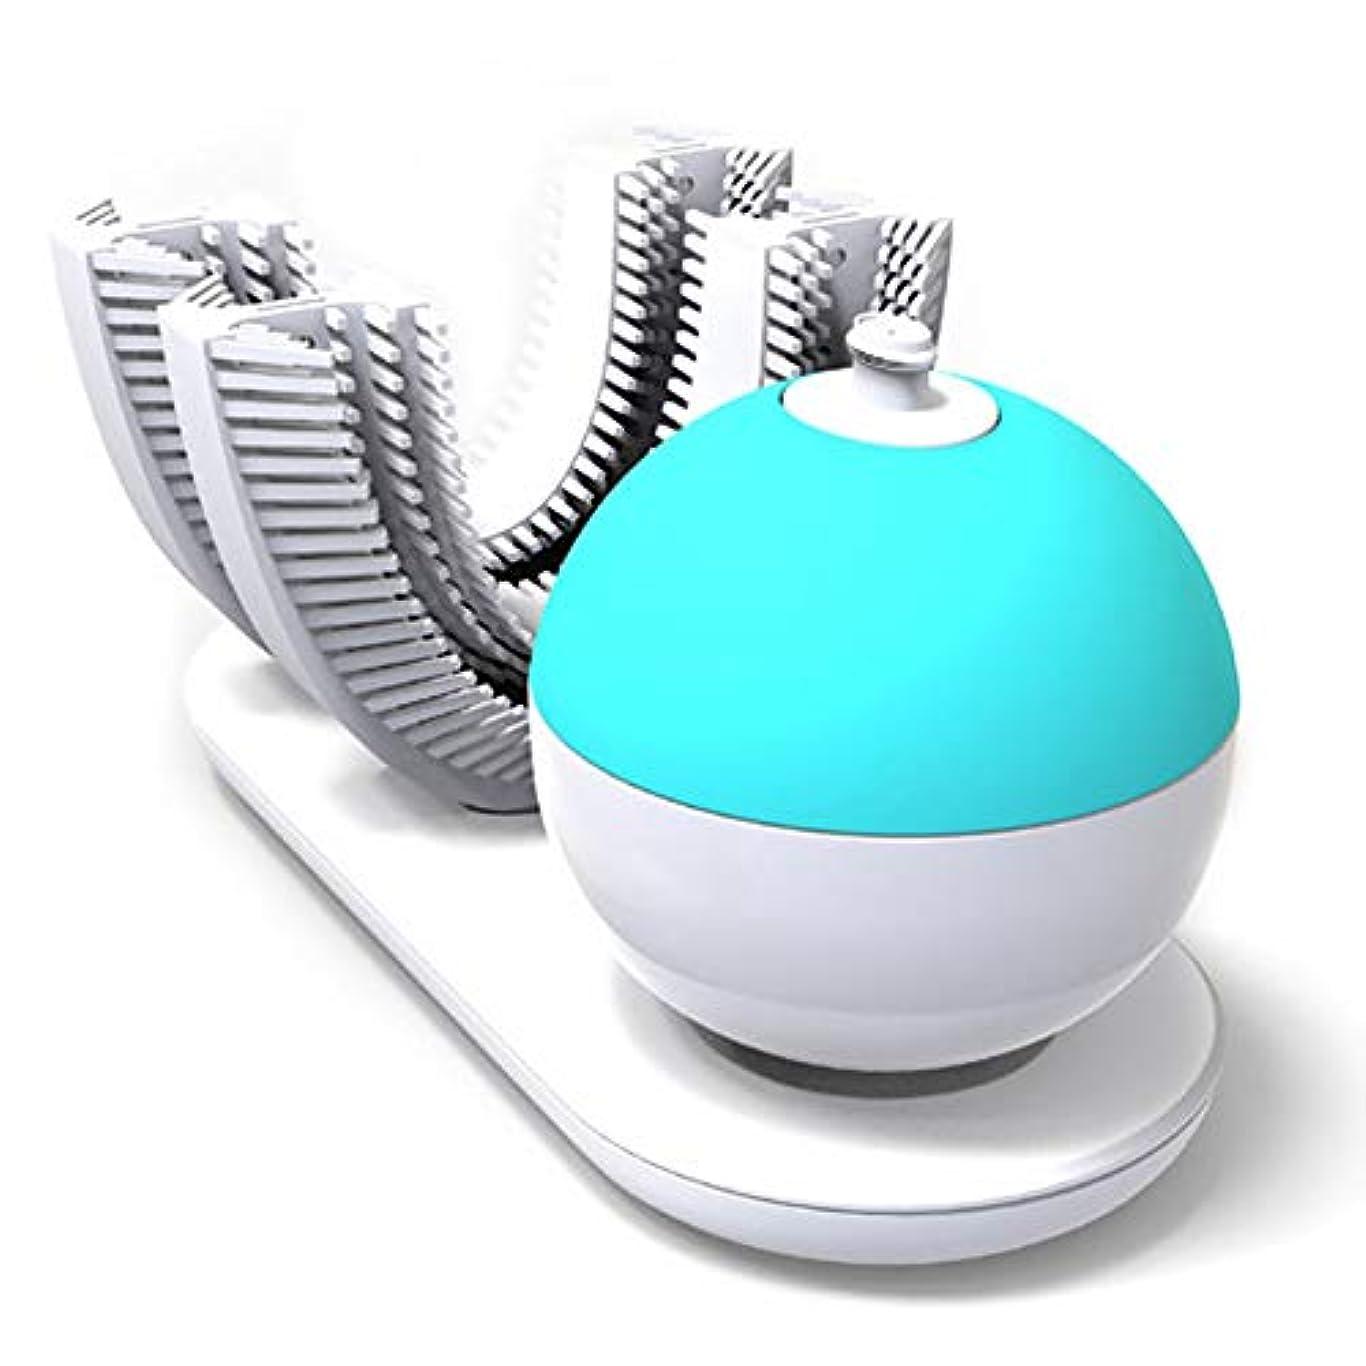 フルオートマチック可変周波数電動歯ブラシ、自動360度U字型電動歯ブラシ、ワイヤレス充電IPX7防水自動歯ブラシ(大人用)